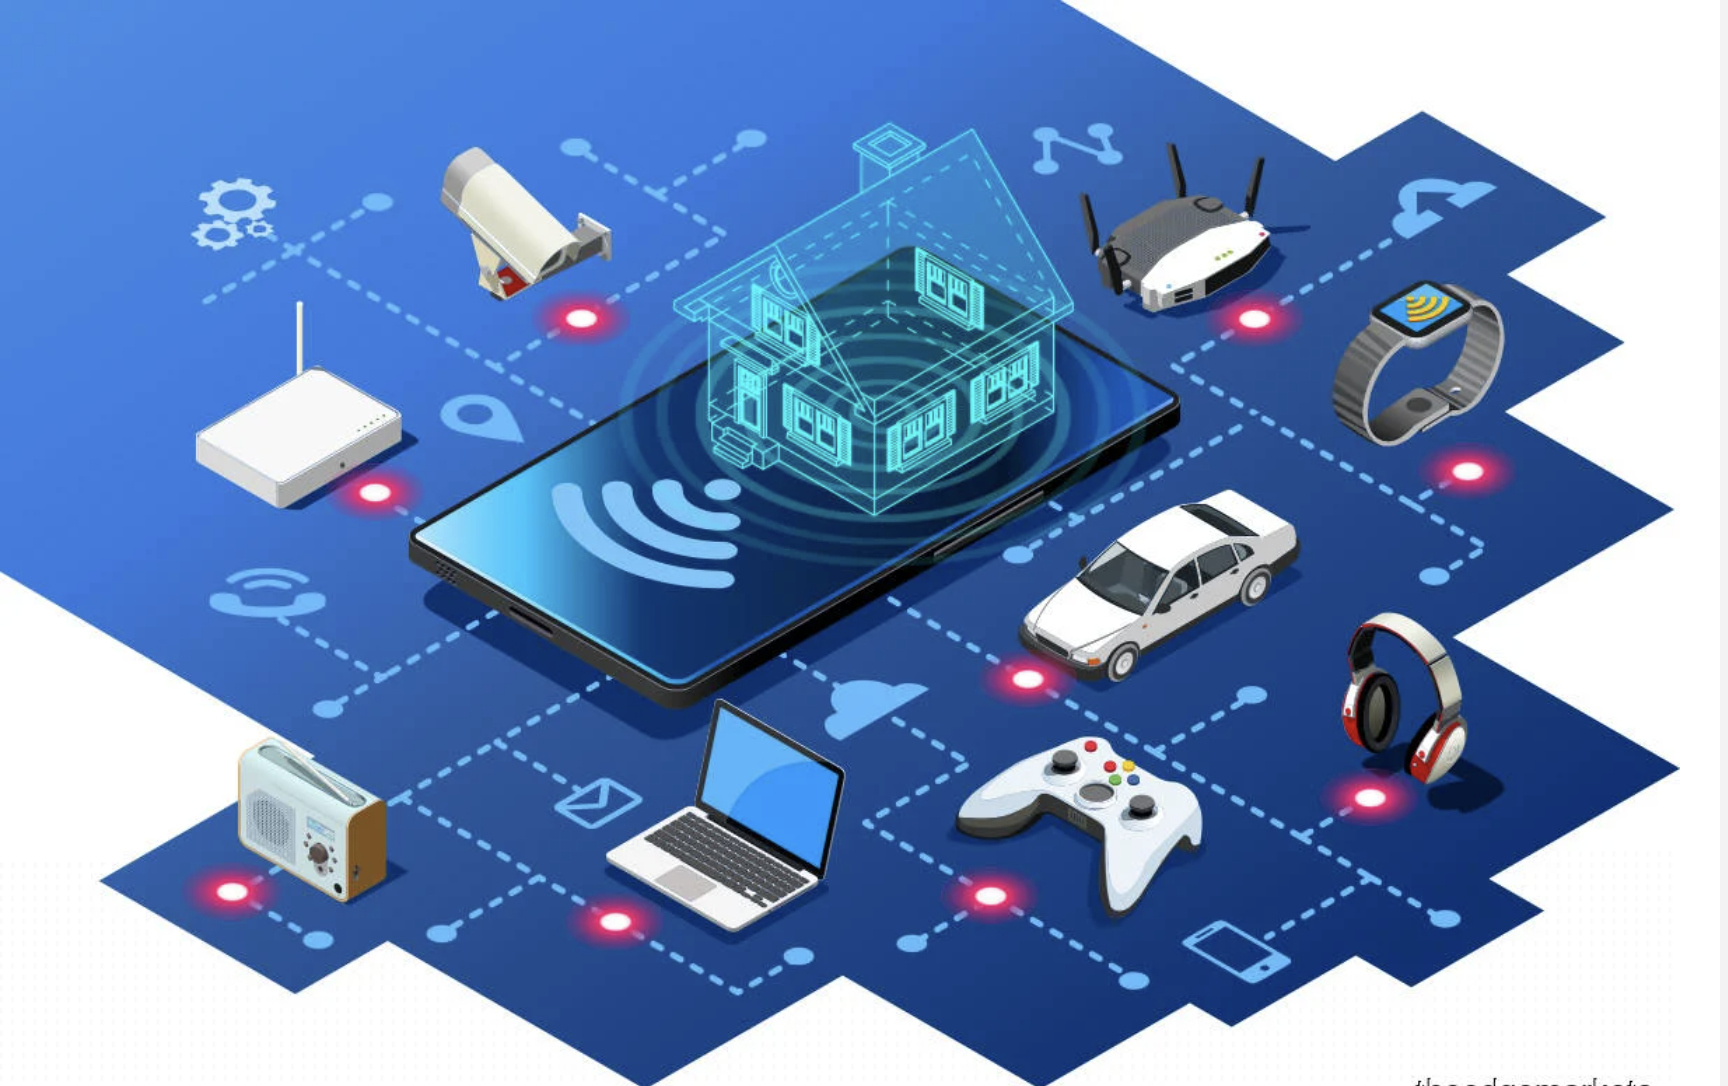 Moviéndose más allá de la concientización hacia la adopción de IoT